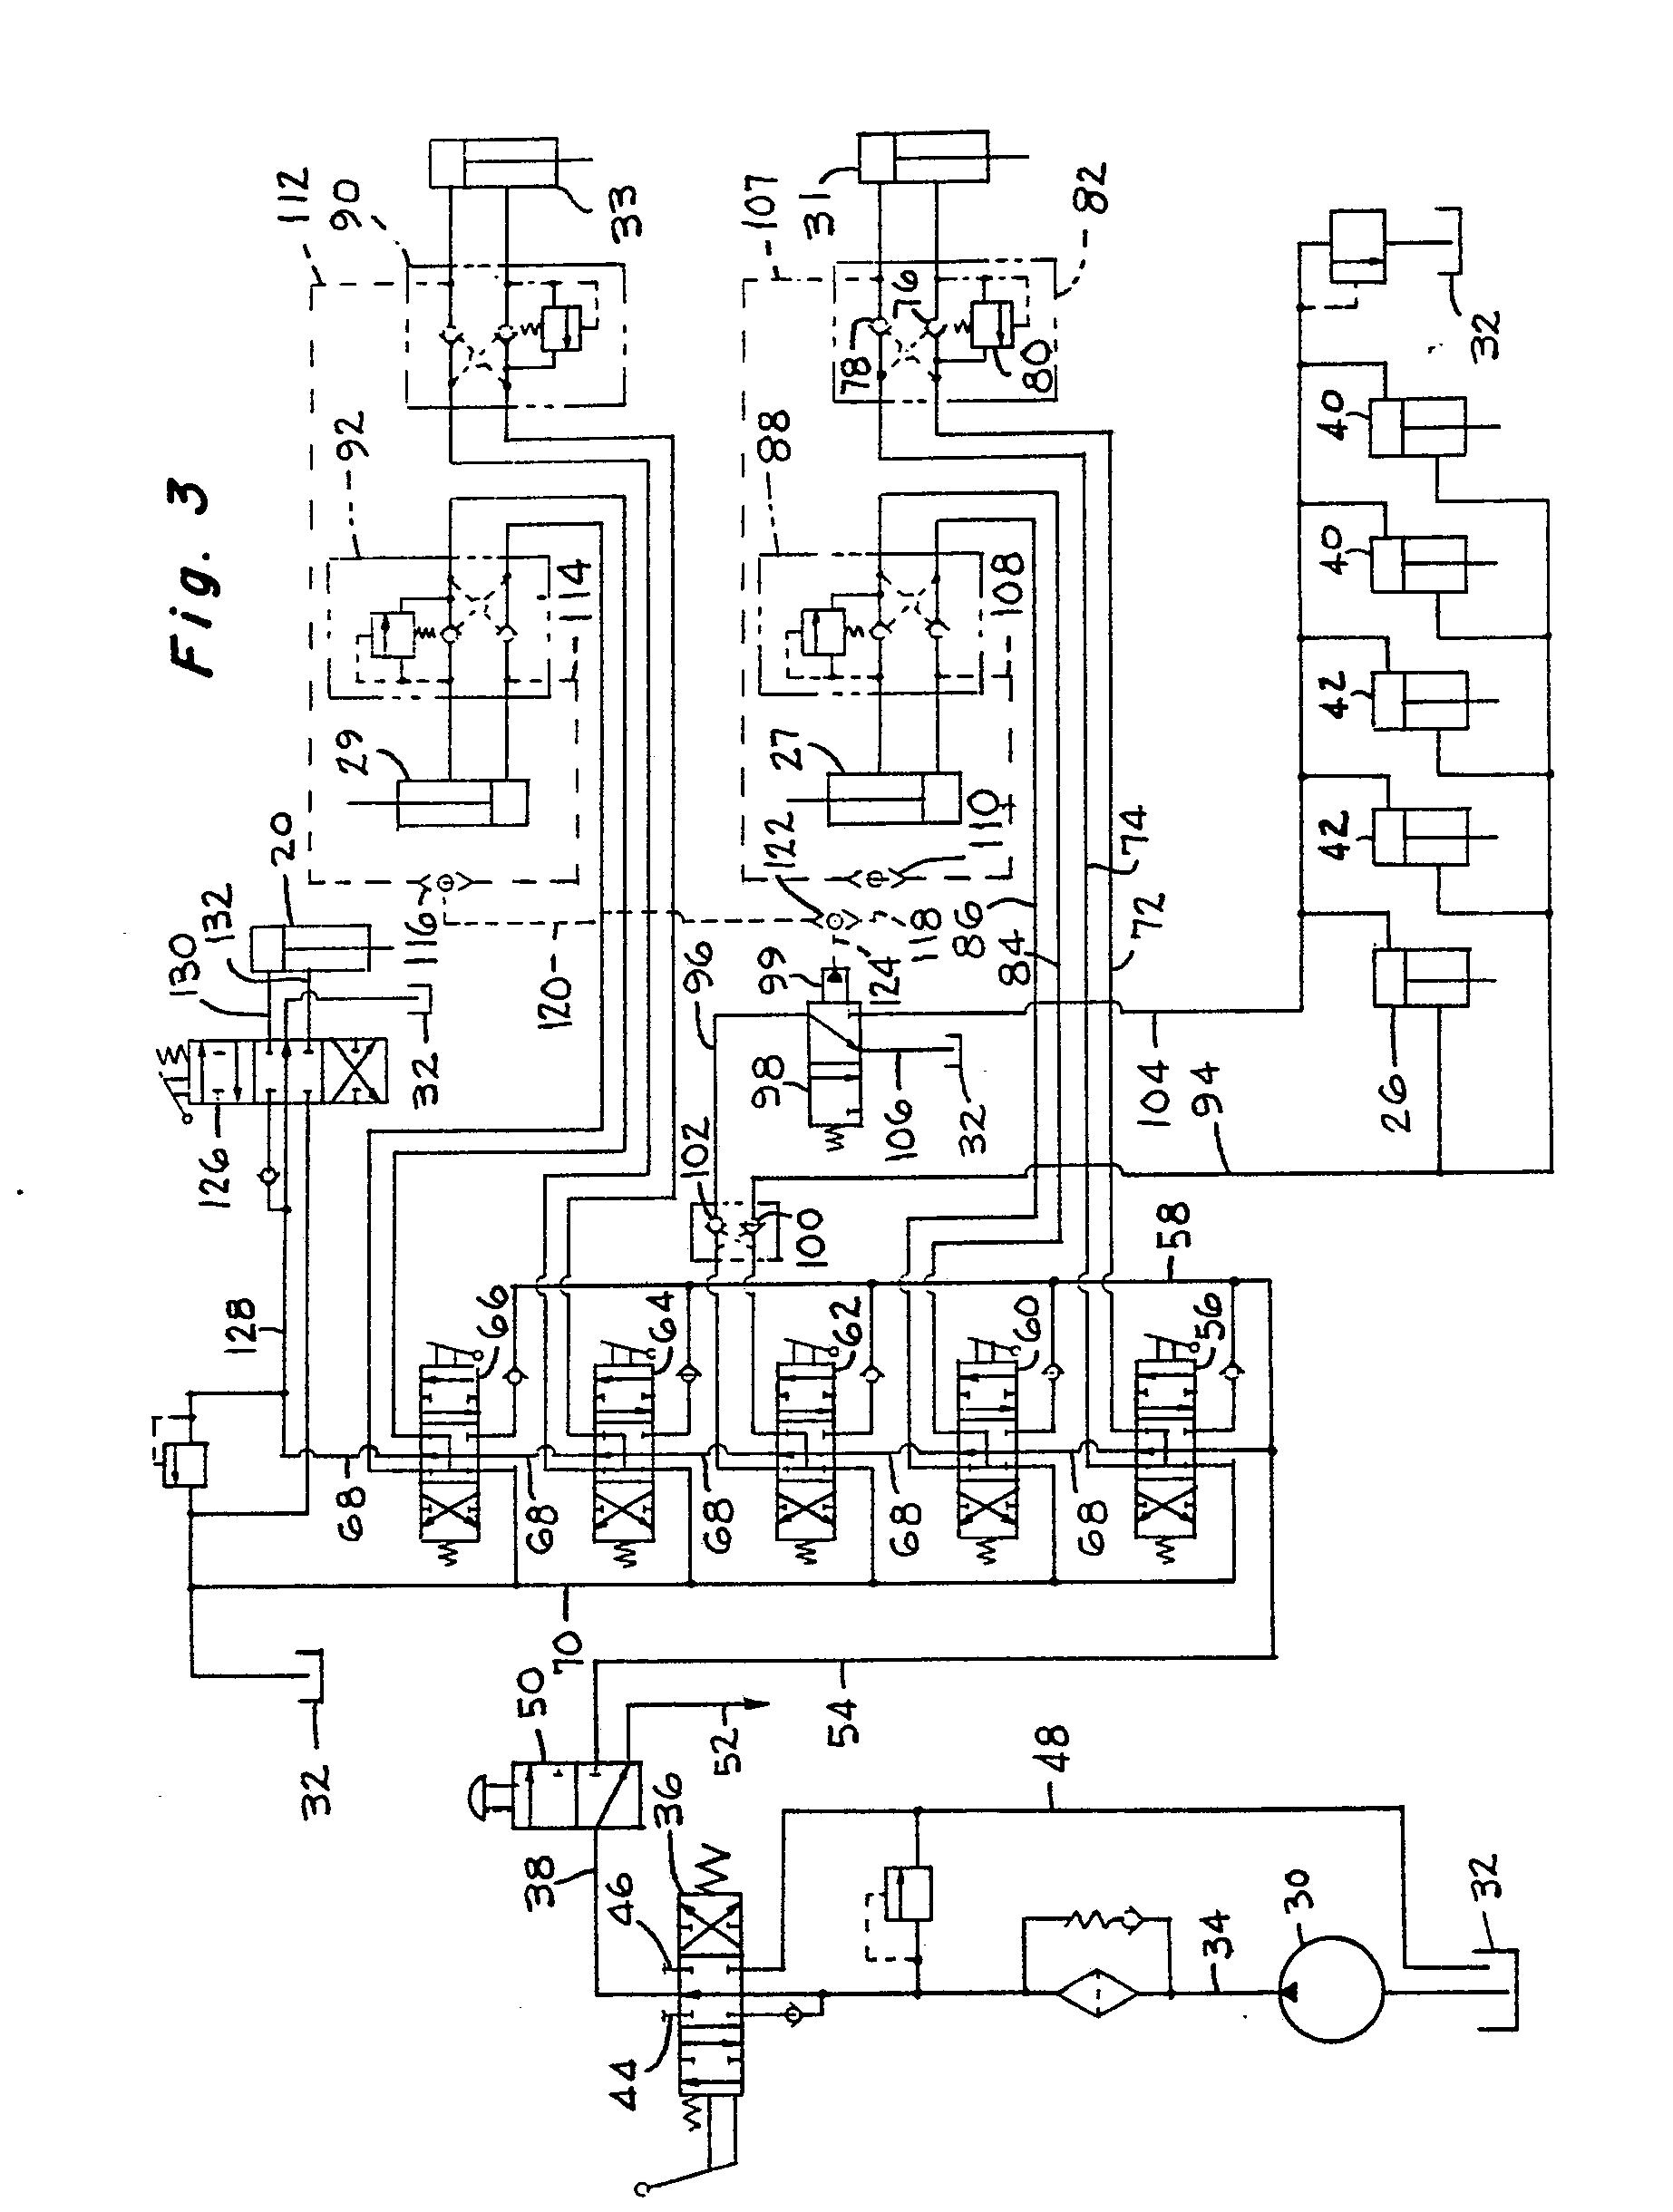 Daewoo Forklift Wiring Schematic